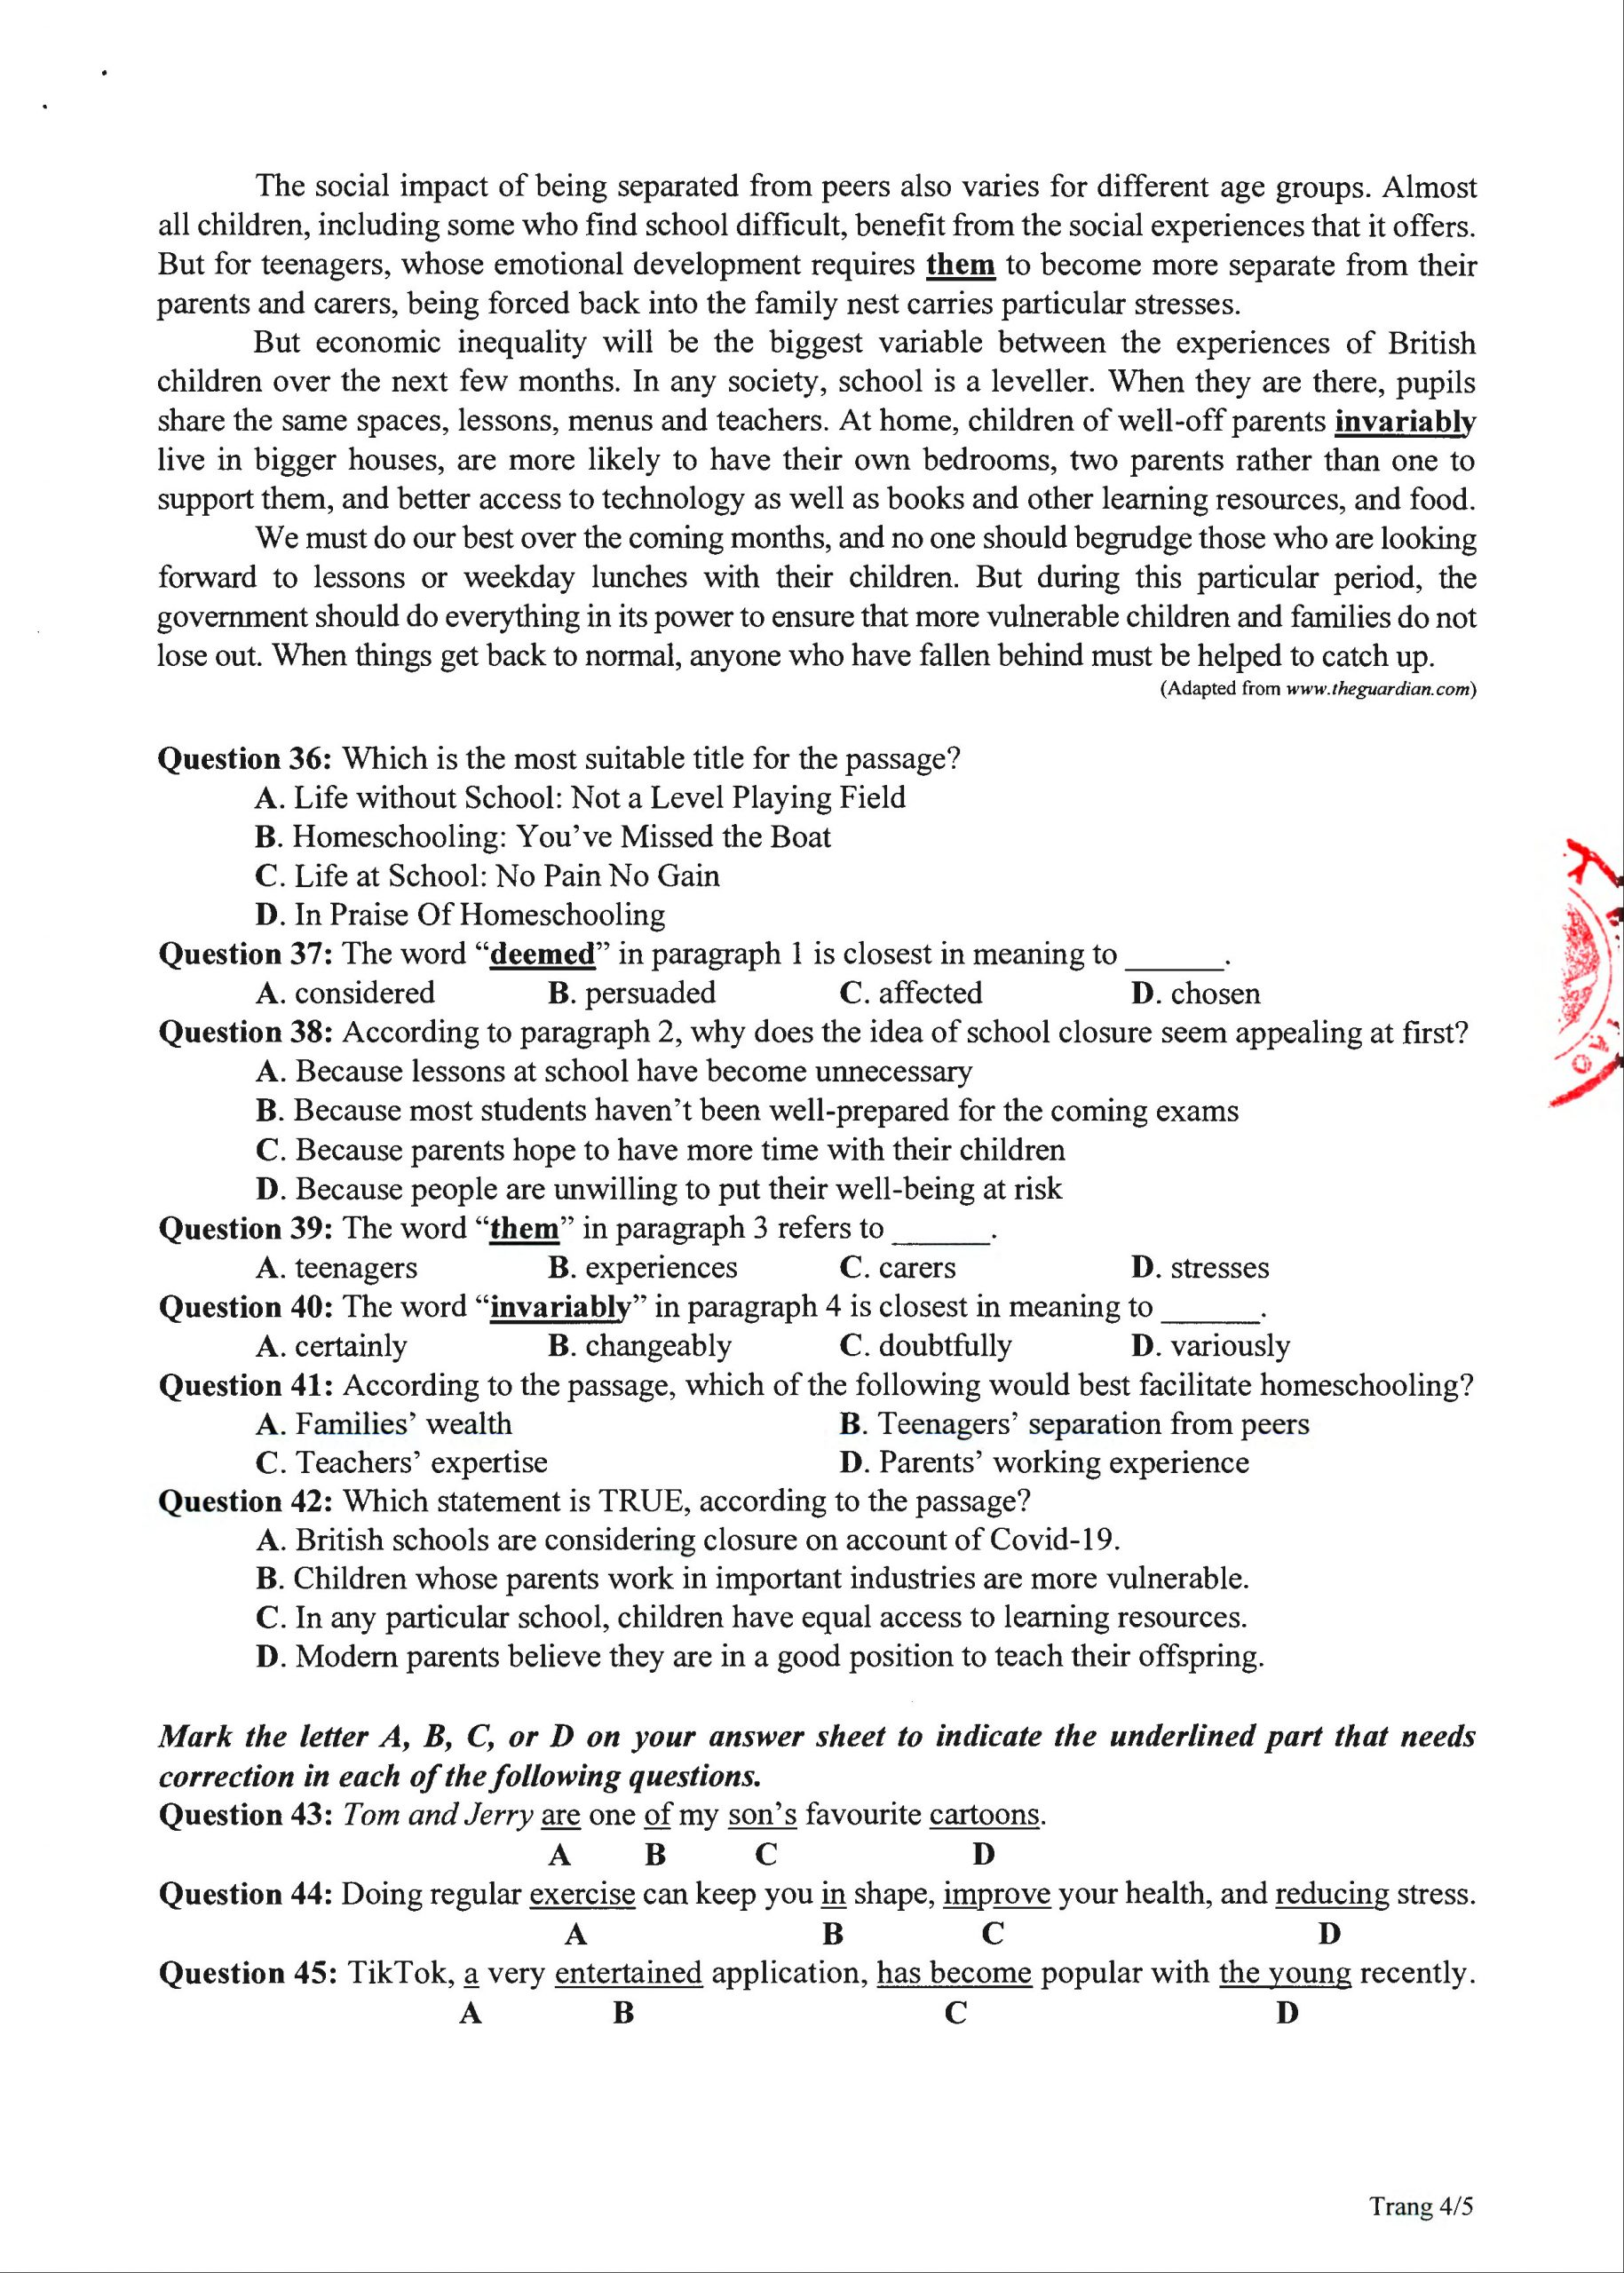 đề tham khảo tốt nghiệp 2020 môn tiếng ANh đề minh họa lần 2